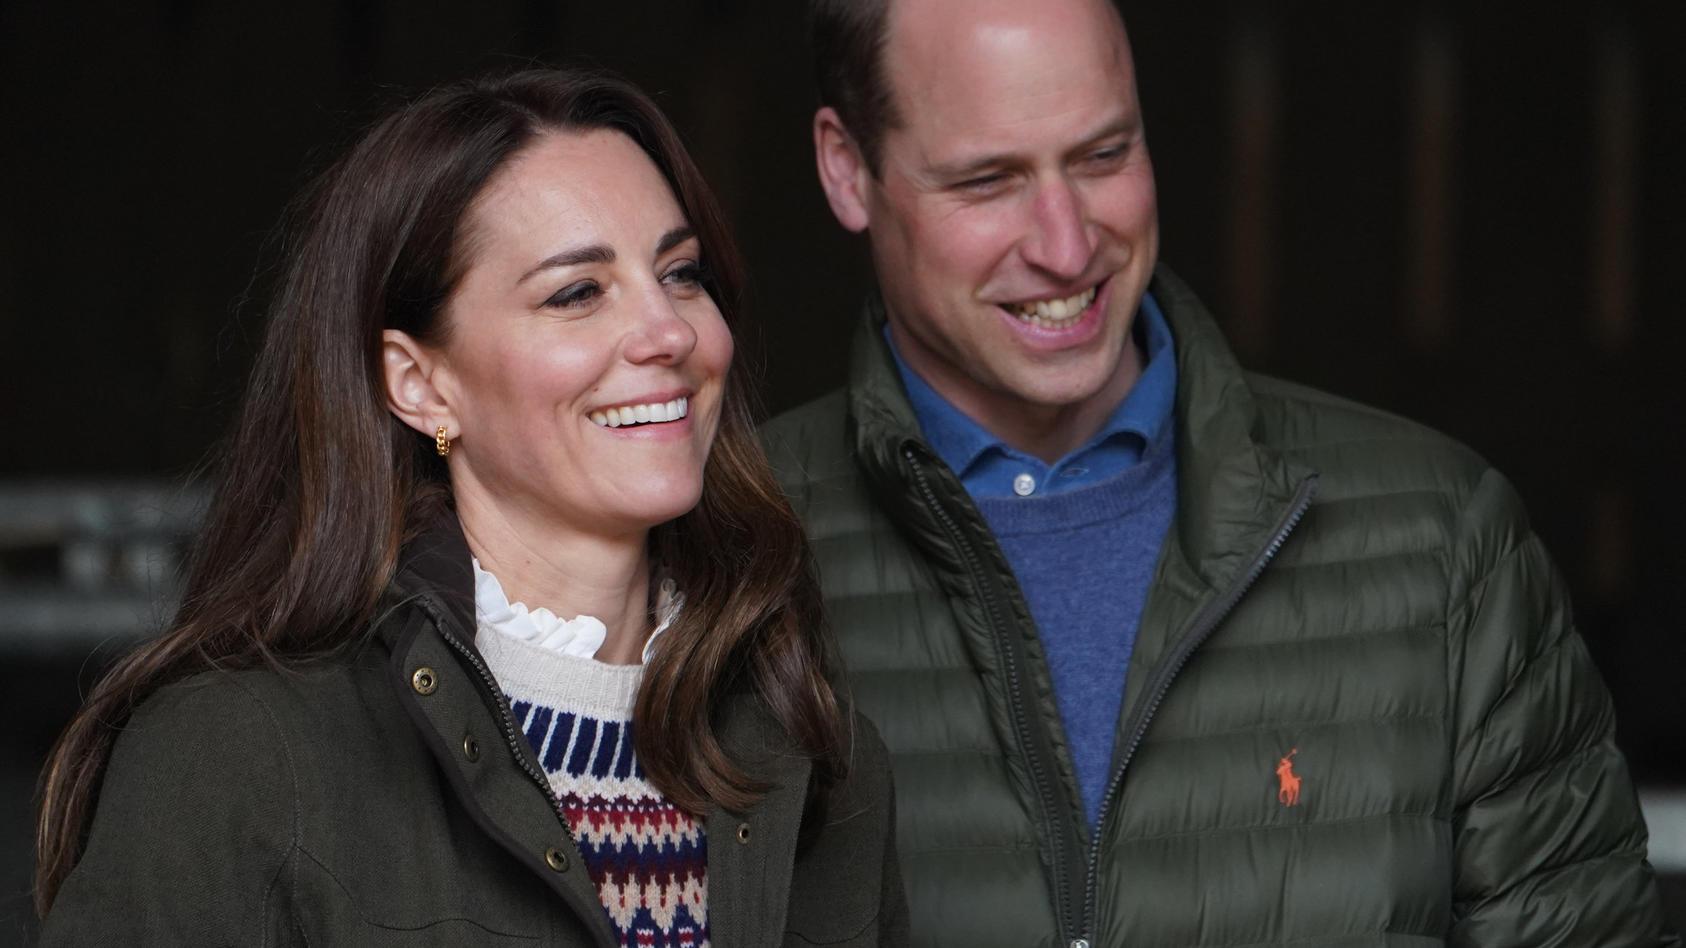 Prinz William und Herzogin Kate treten auch bei offiziellen Terminen als perfekte Einheit auf.